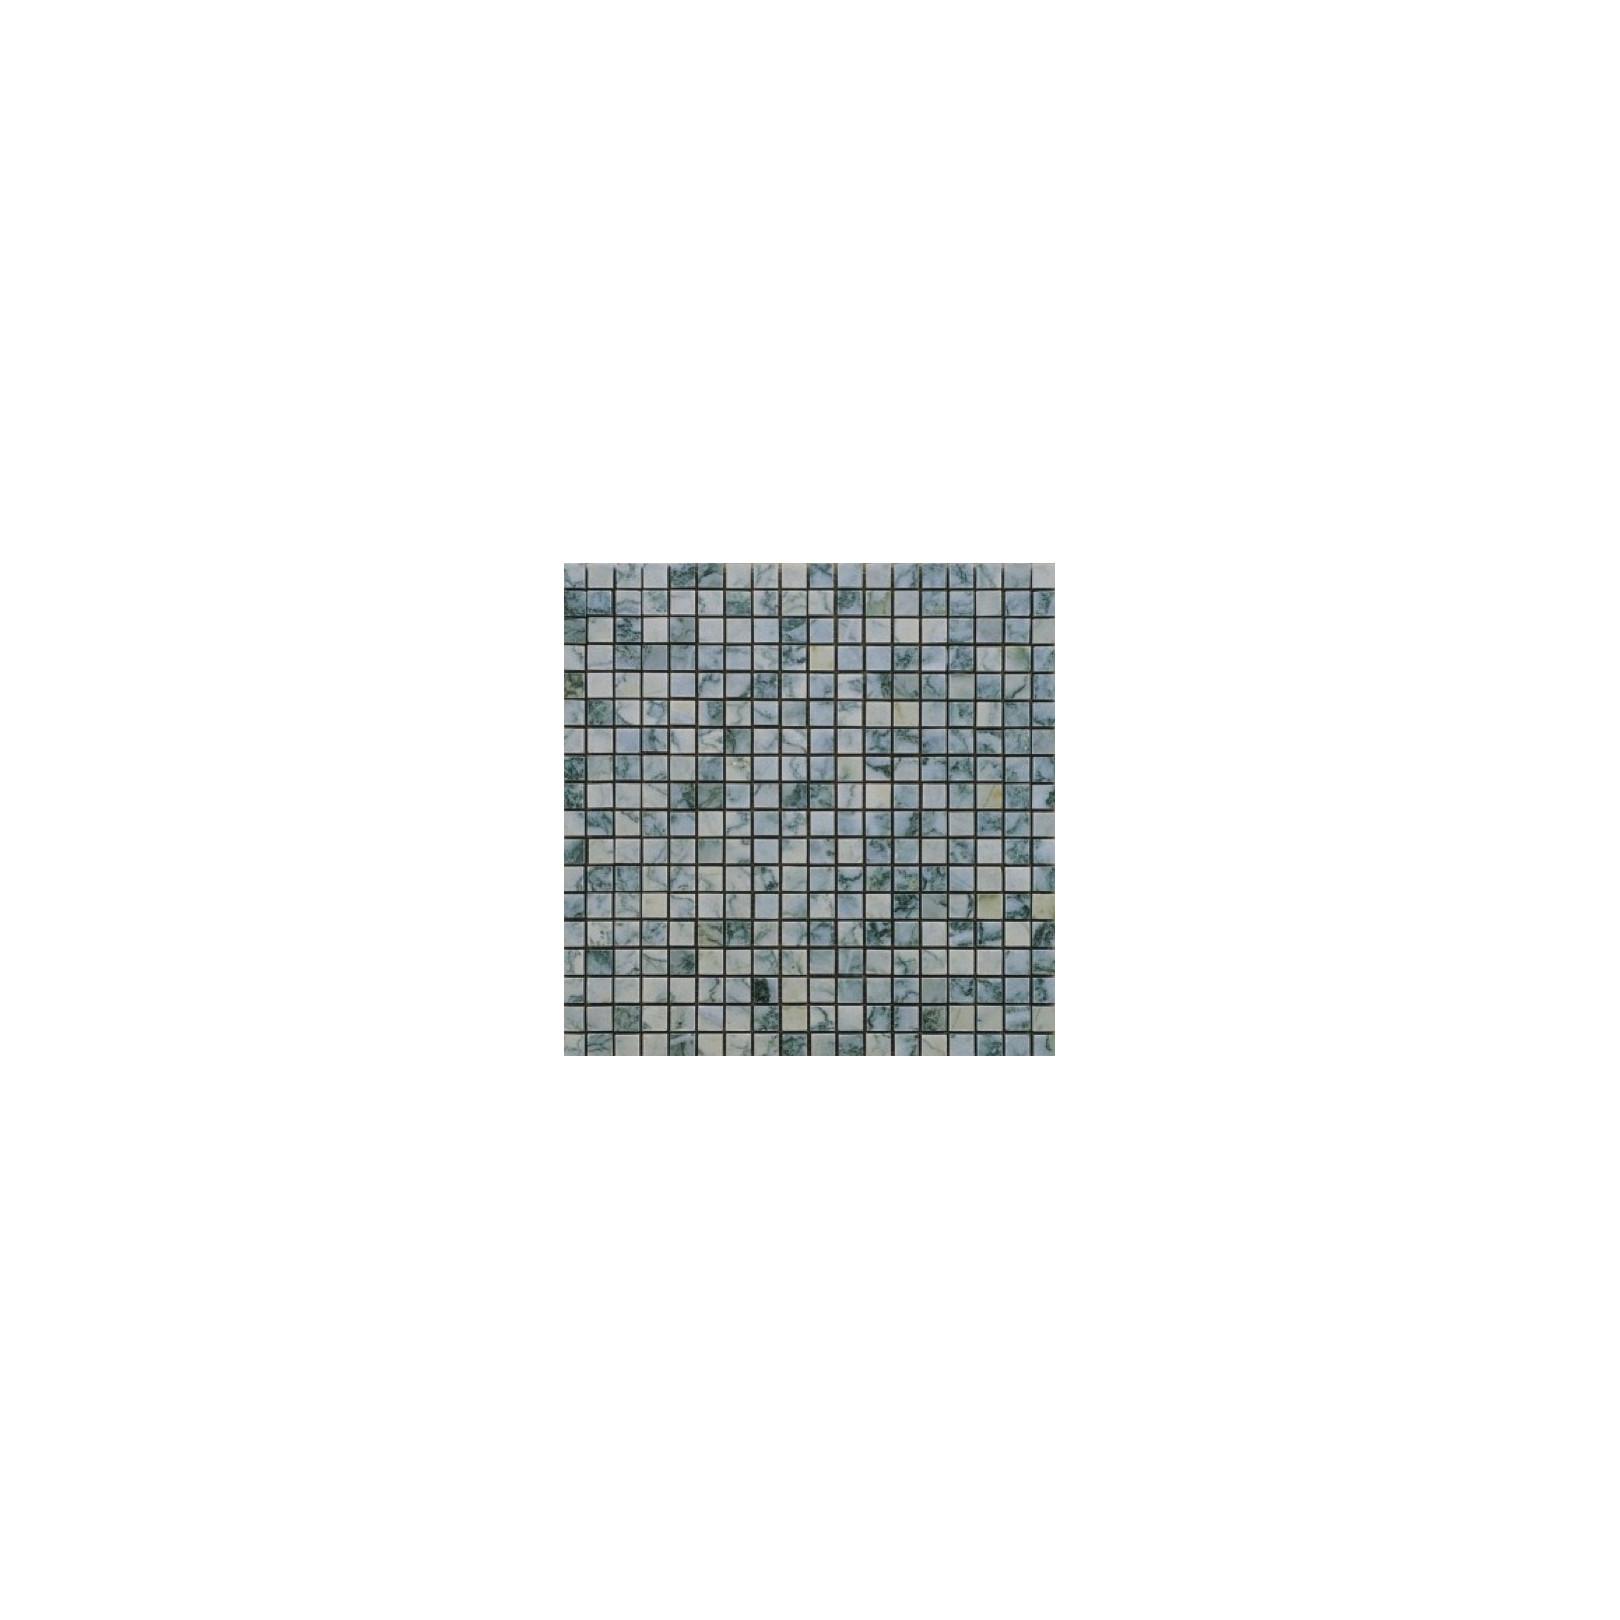 Mosaïque marbre Lotus Green, 1,5x1,5cm sur trame 29,6x29,6cm